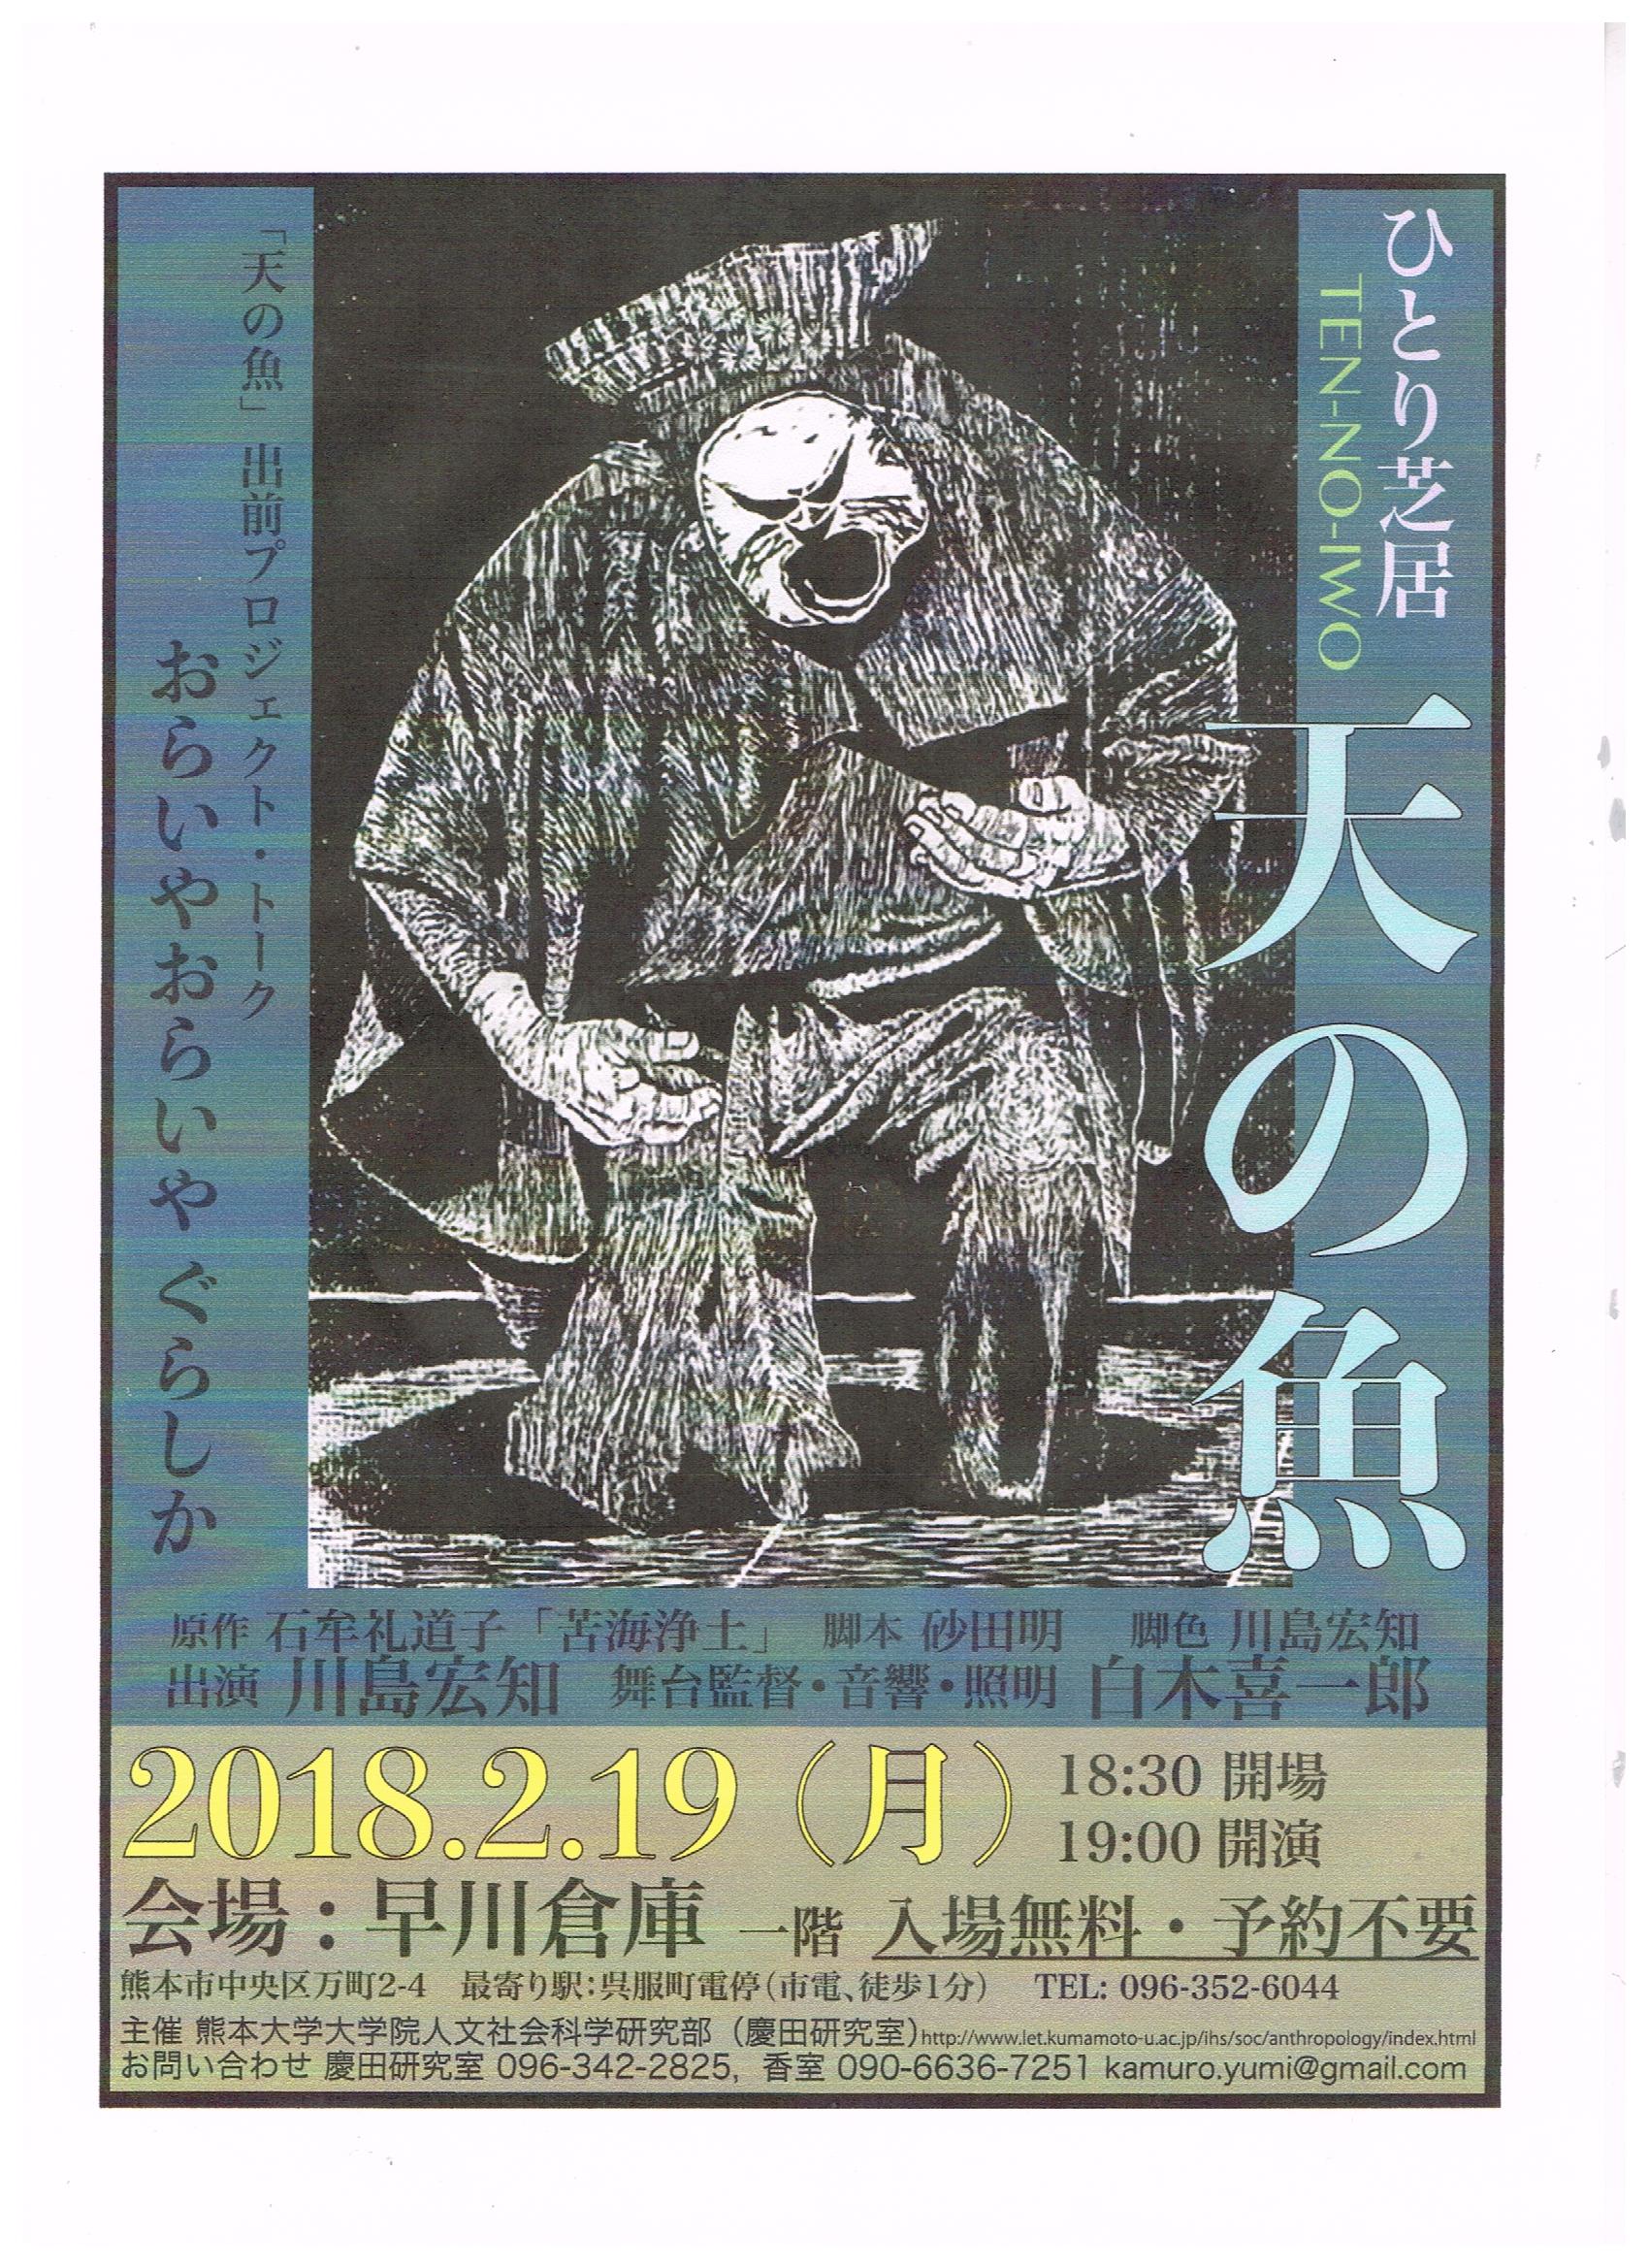 天の魚 2.19熊本公演チラシ オモテ